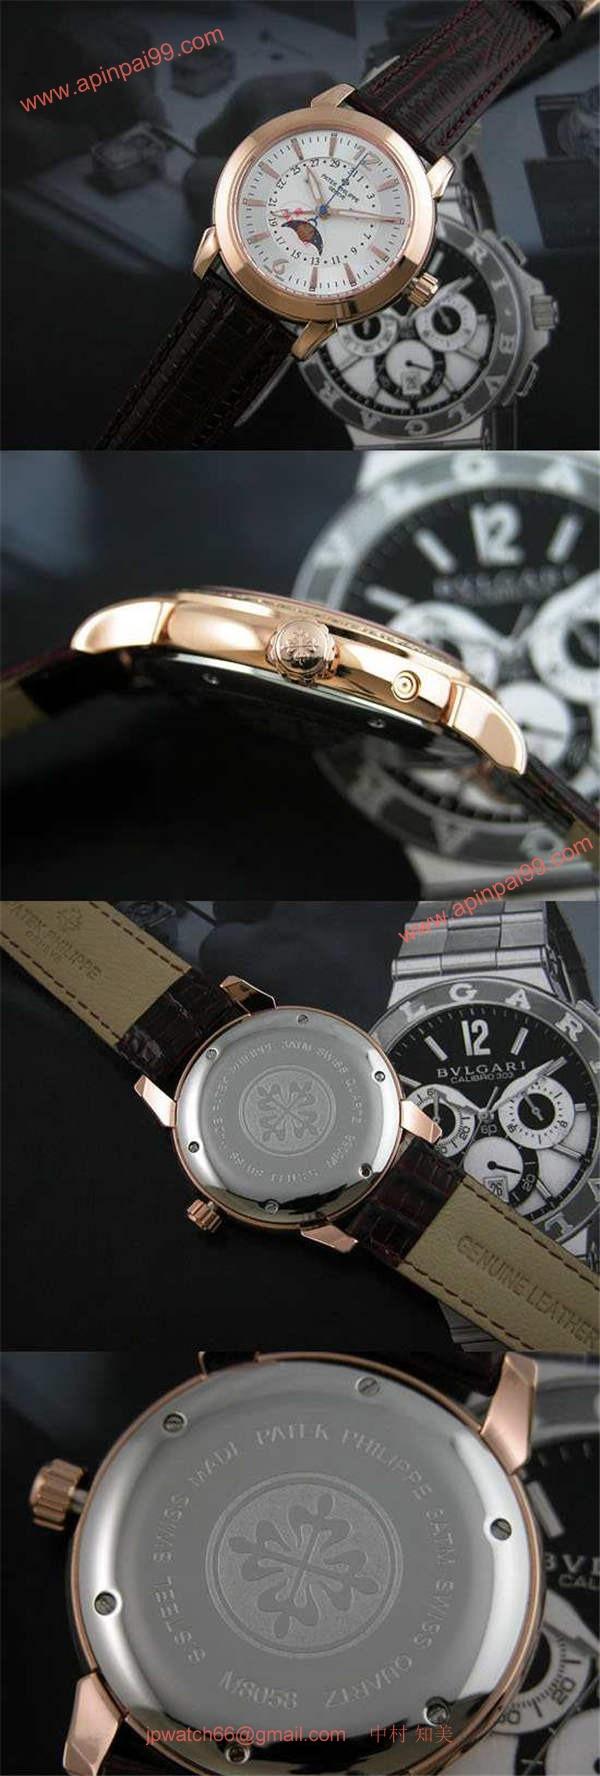 パテックフィリップ PP00070J コピー 時計